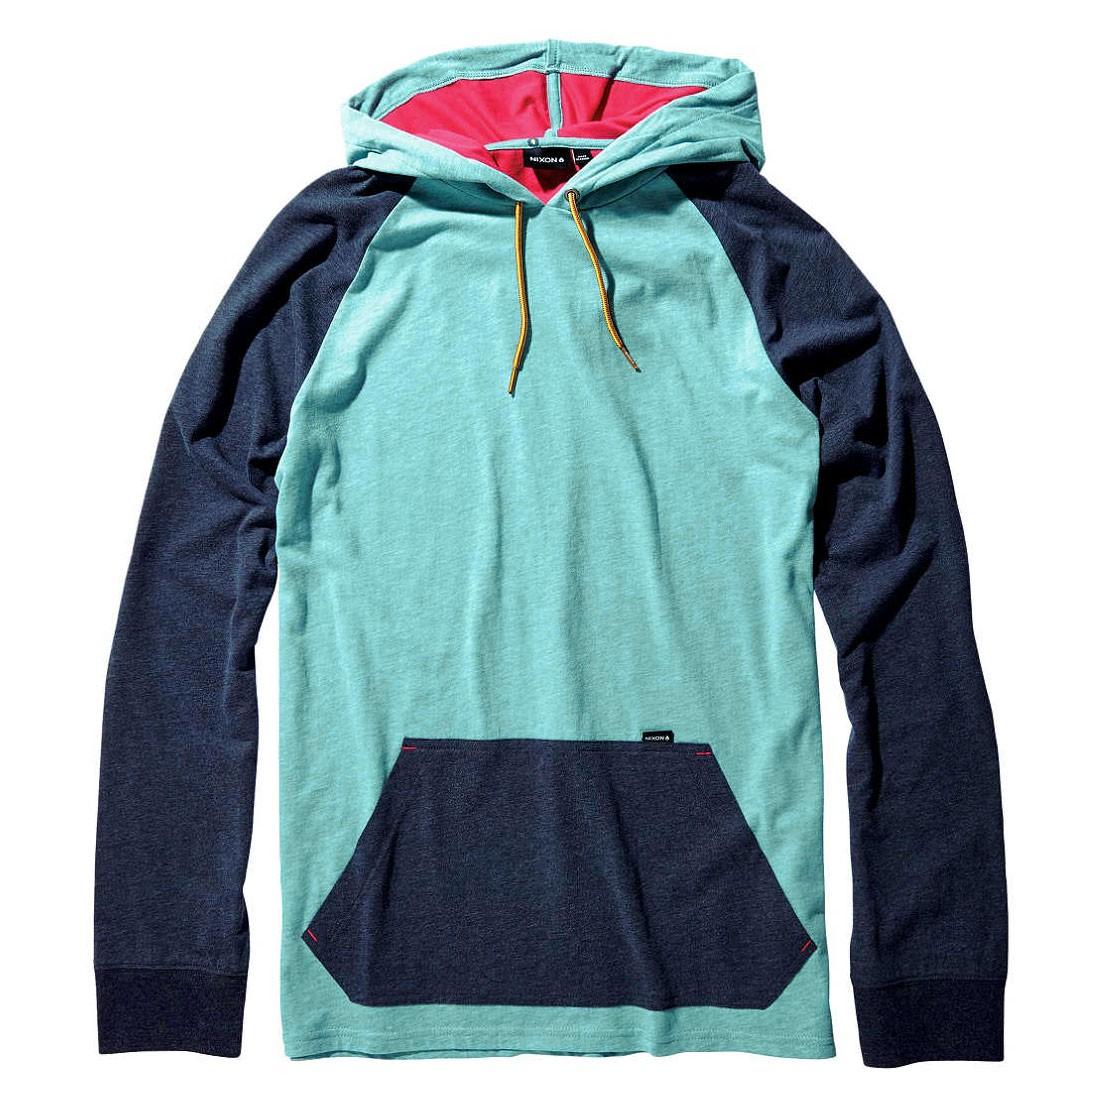 Nixon hoodies